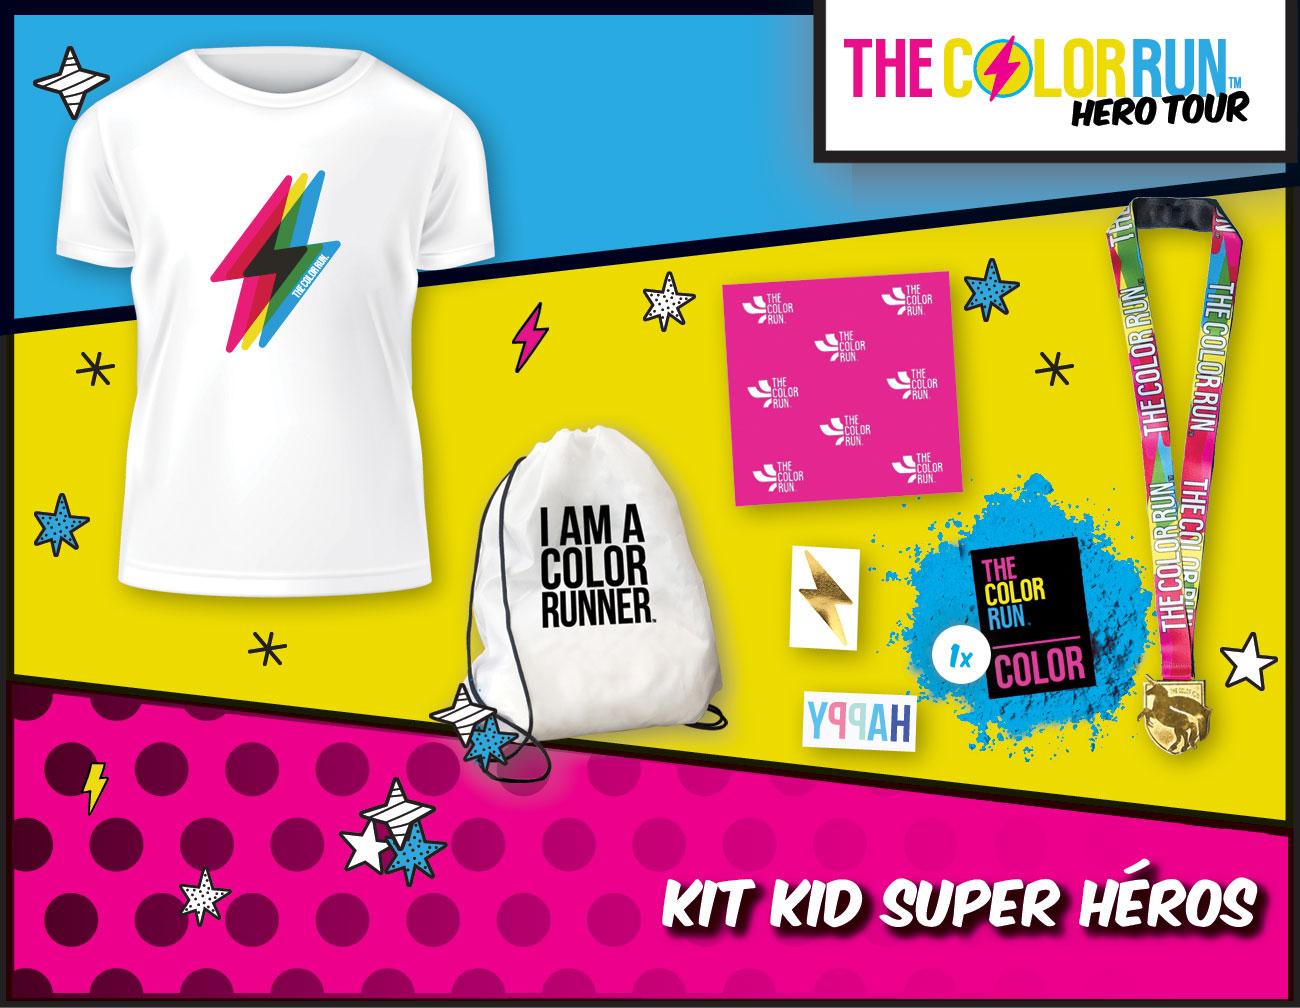 kid Super héros Participant Kit